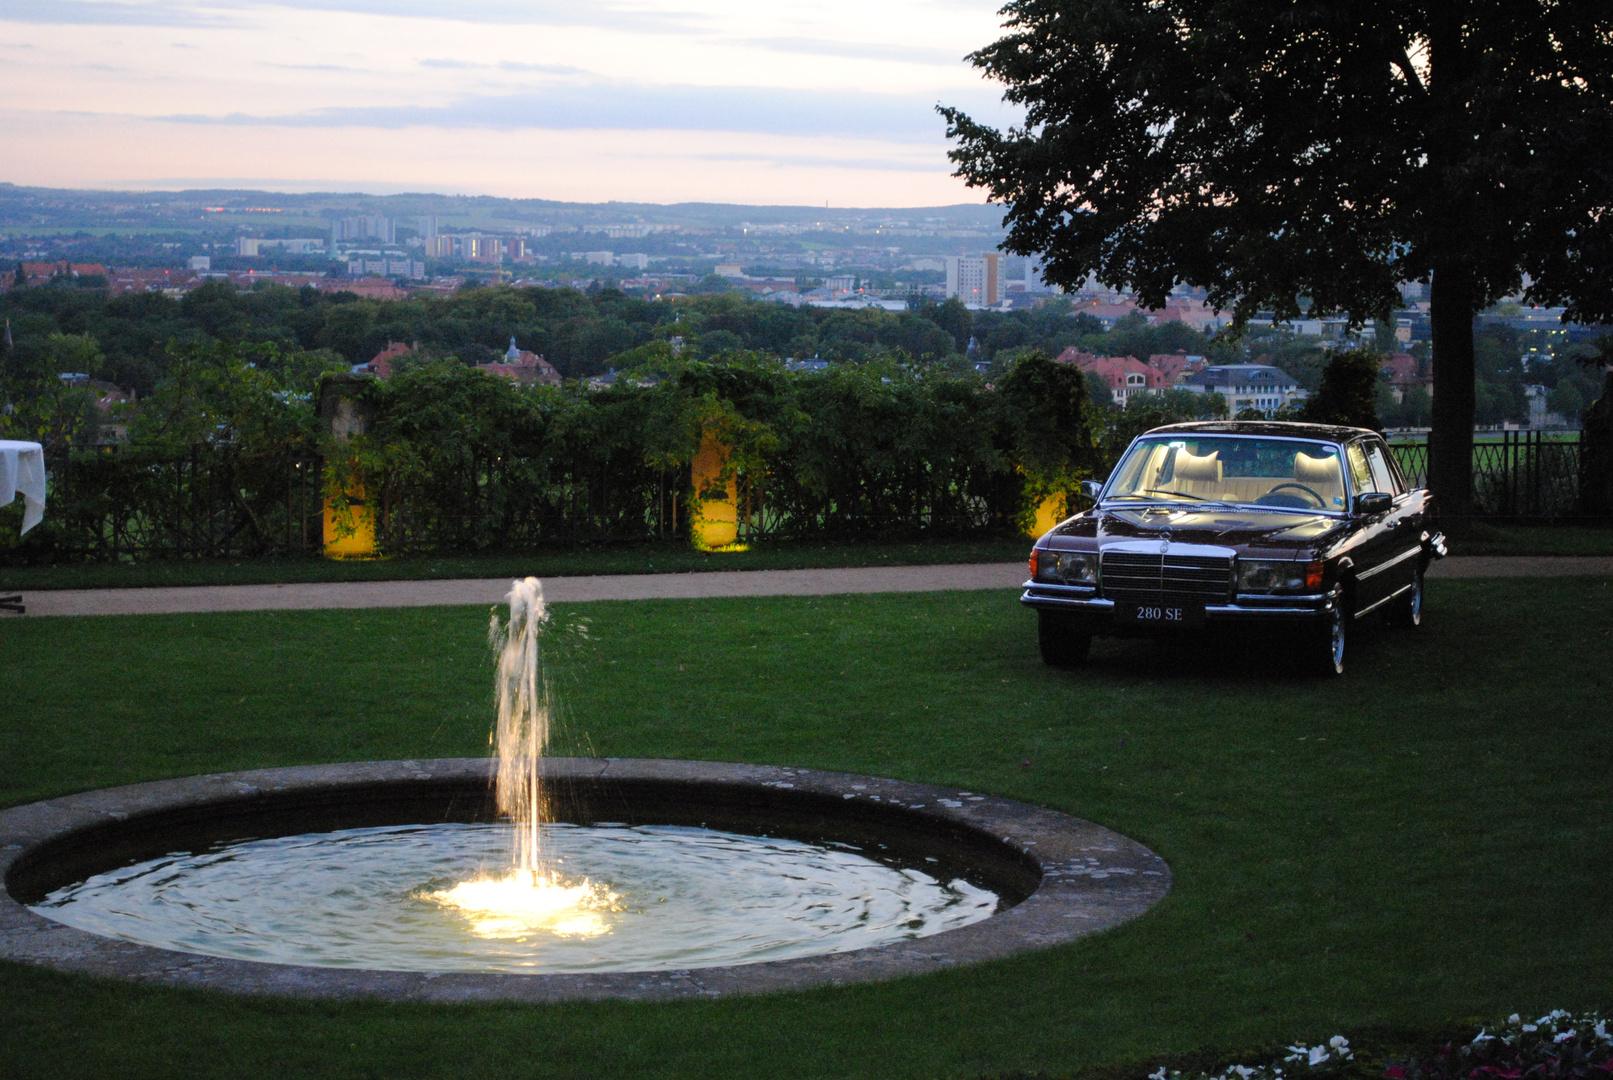 70er-Jahre Luxus auf Schloss Eckberg, Dresden